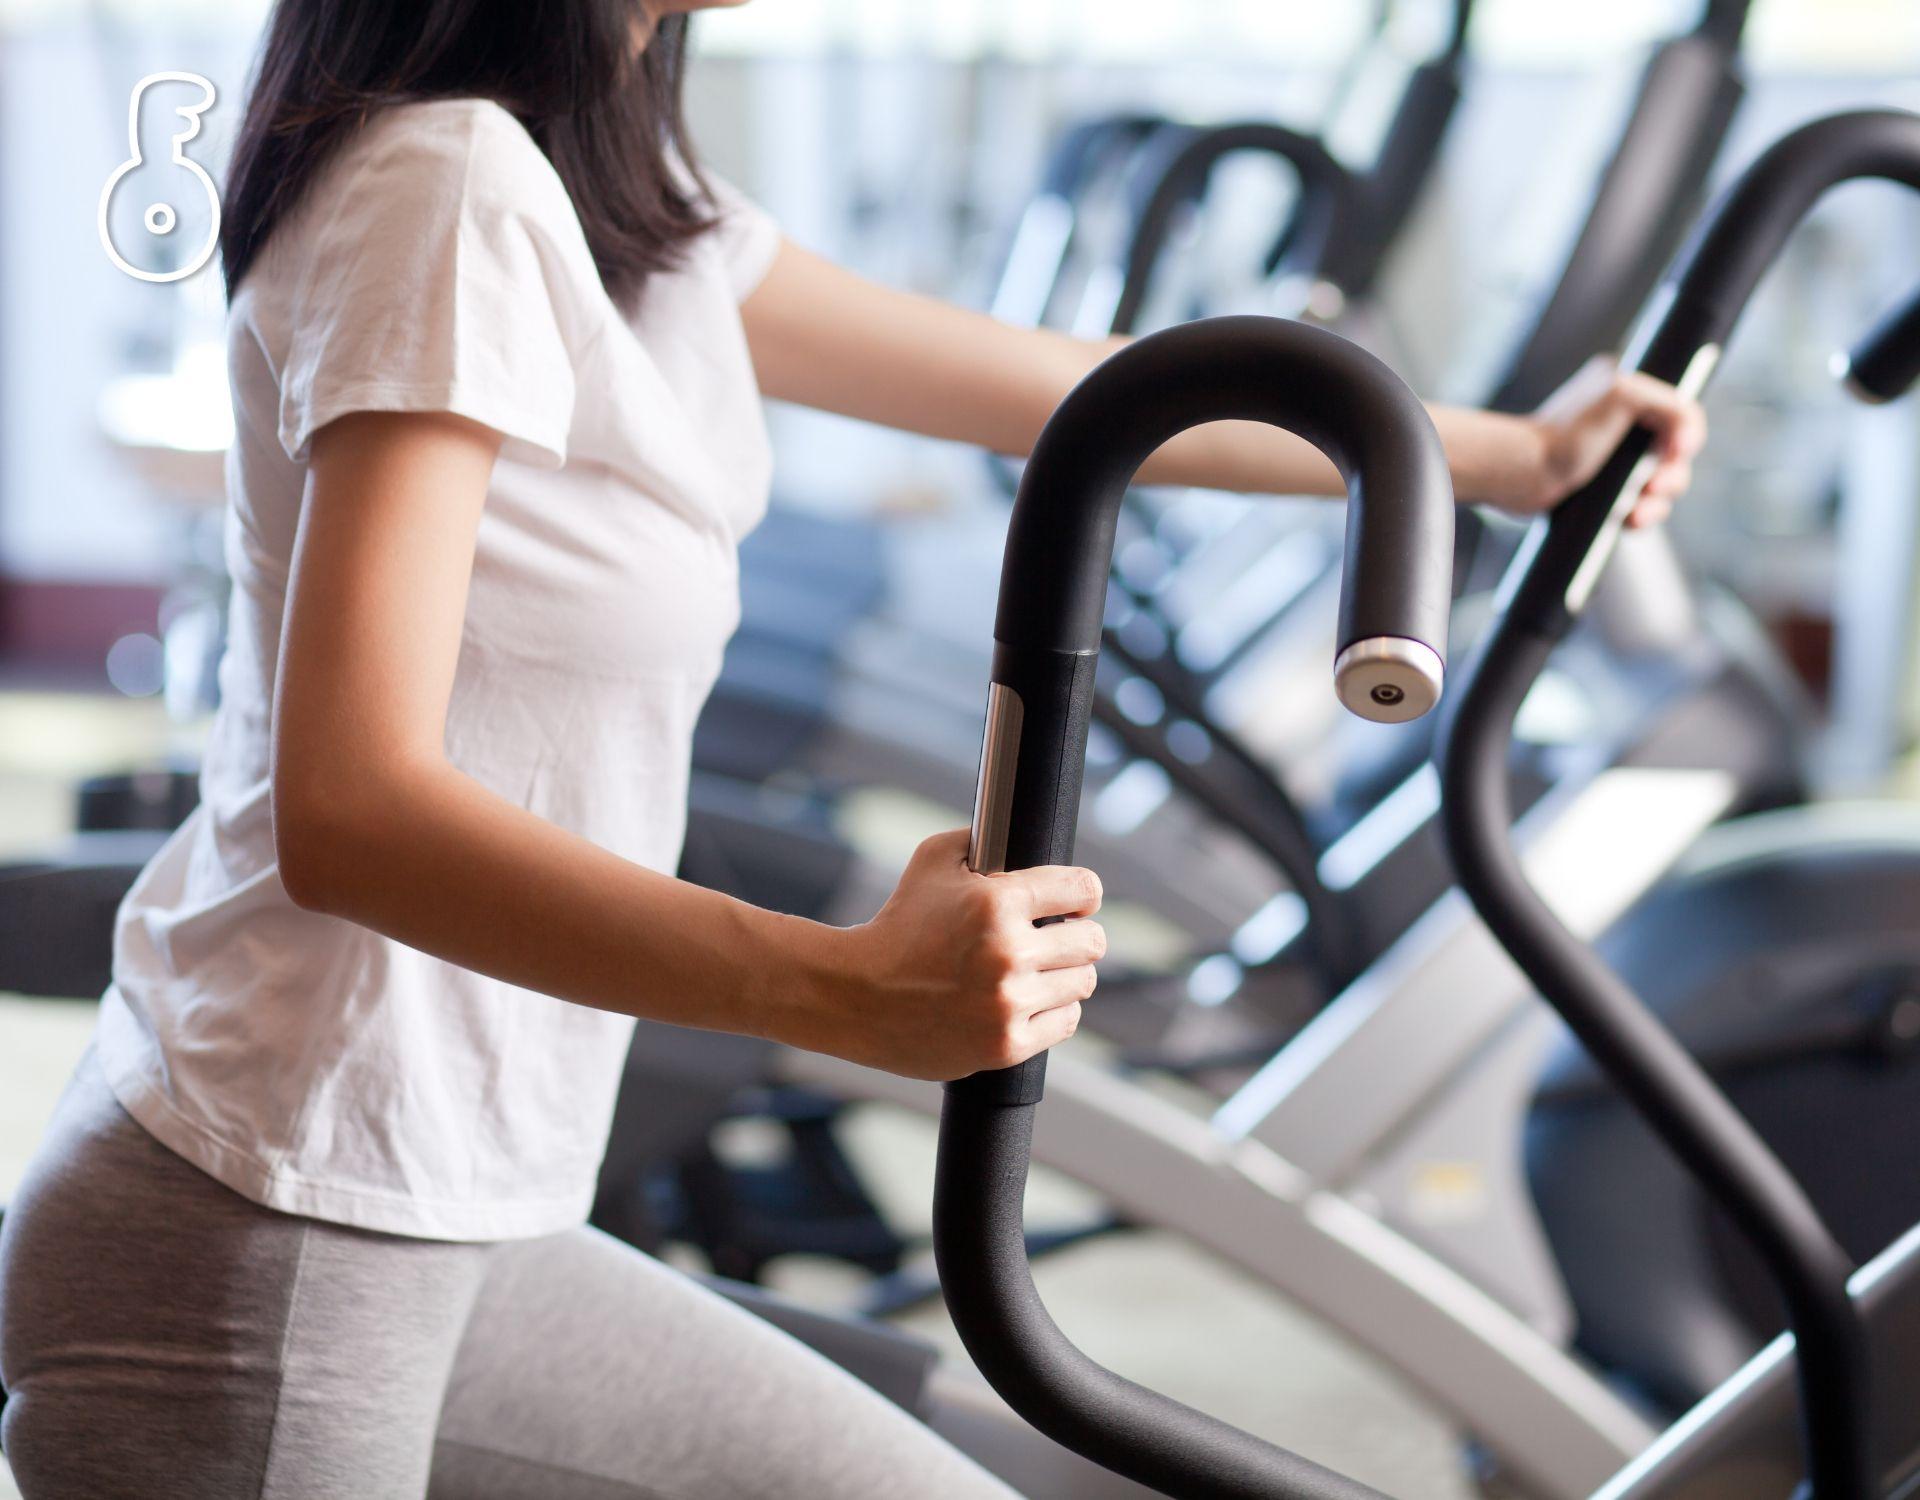 การออกกำลังกายและการหมุนเวียนไขมัน